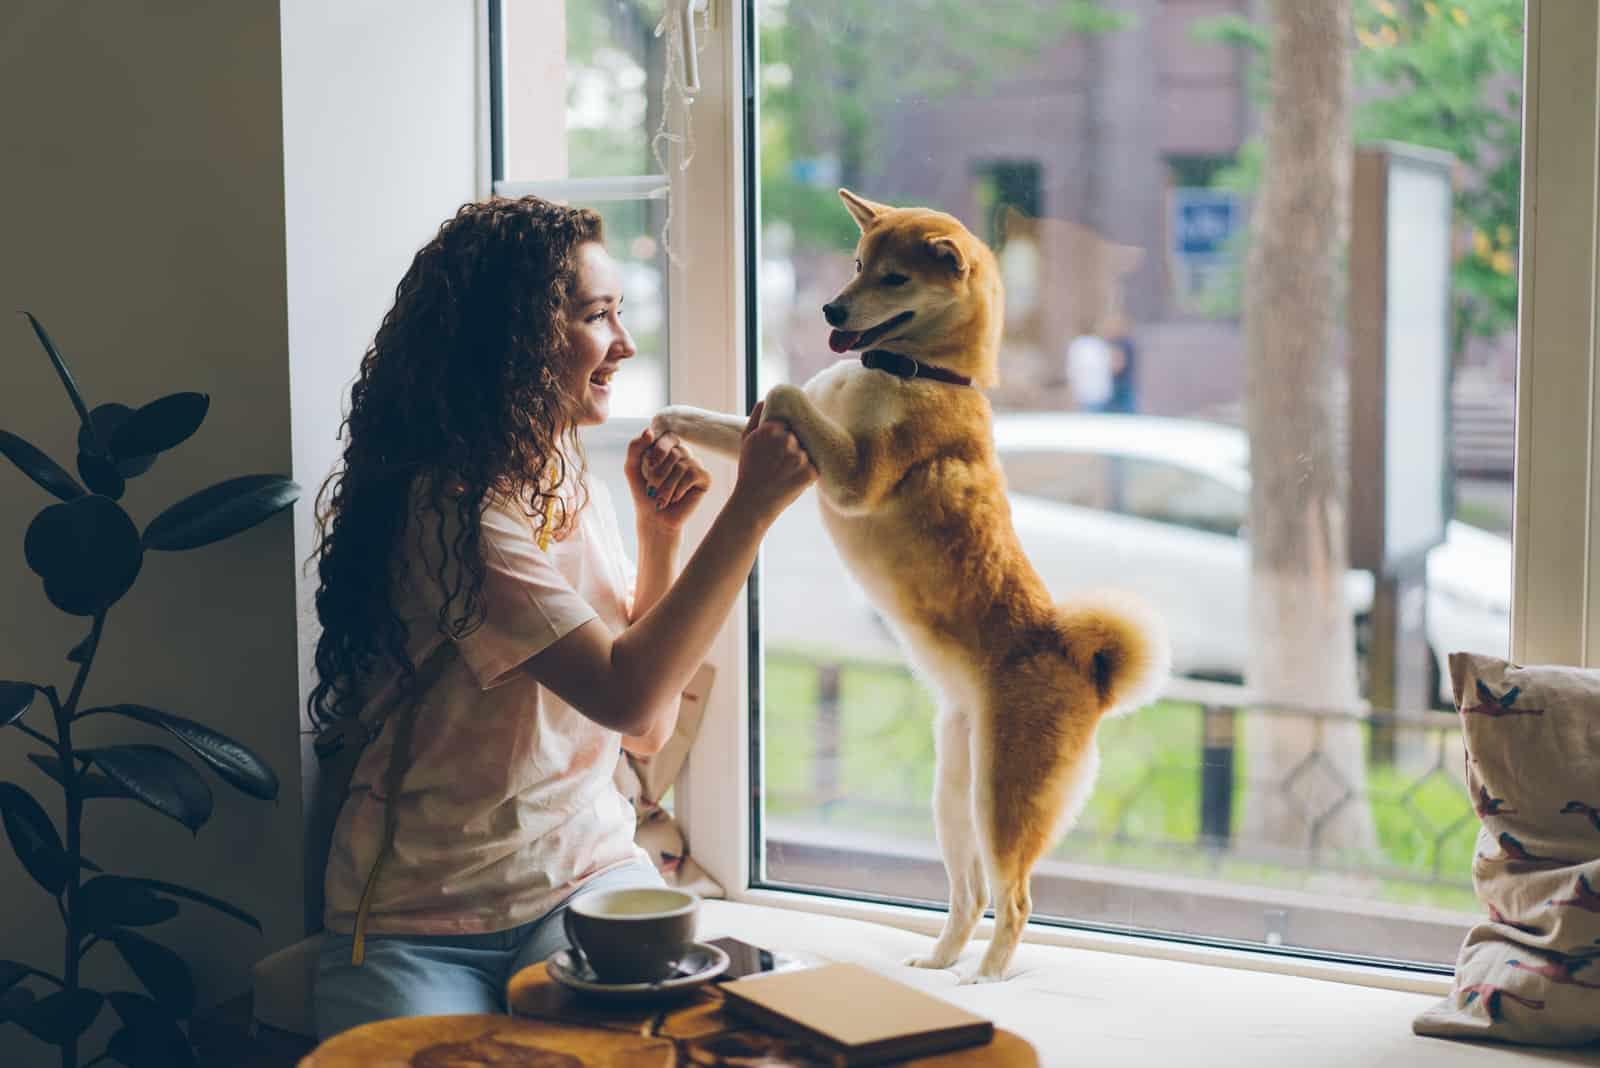 Glückliche junge Frau tanzt mit Haustierhund